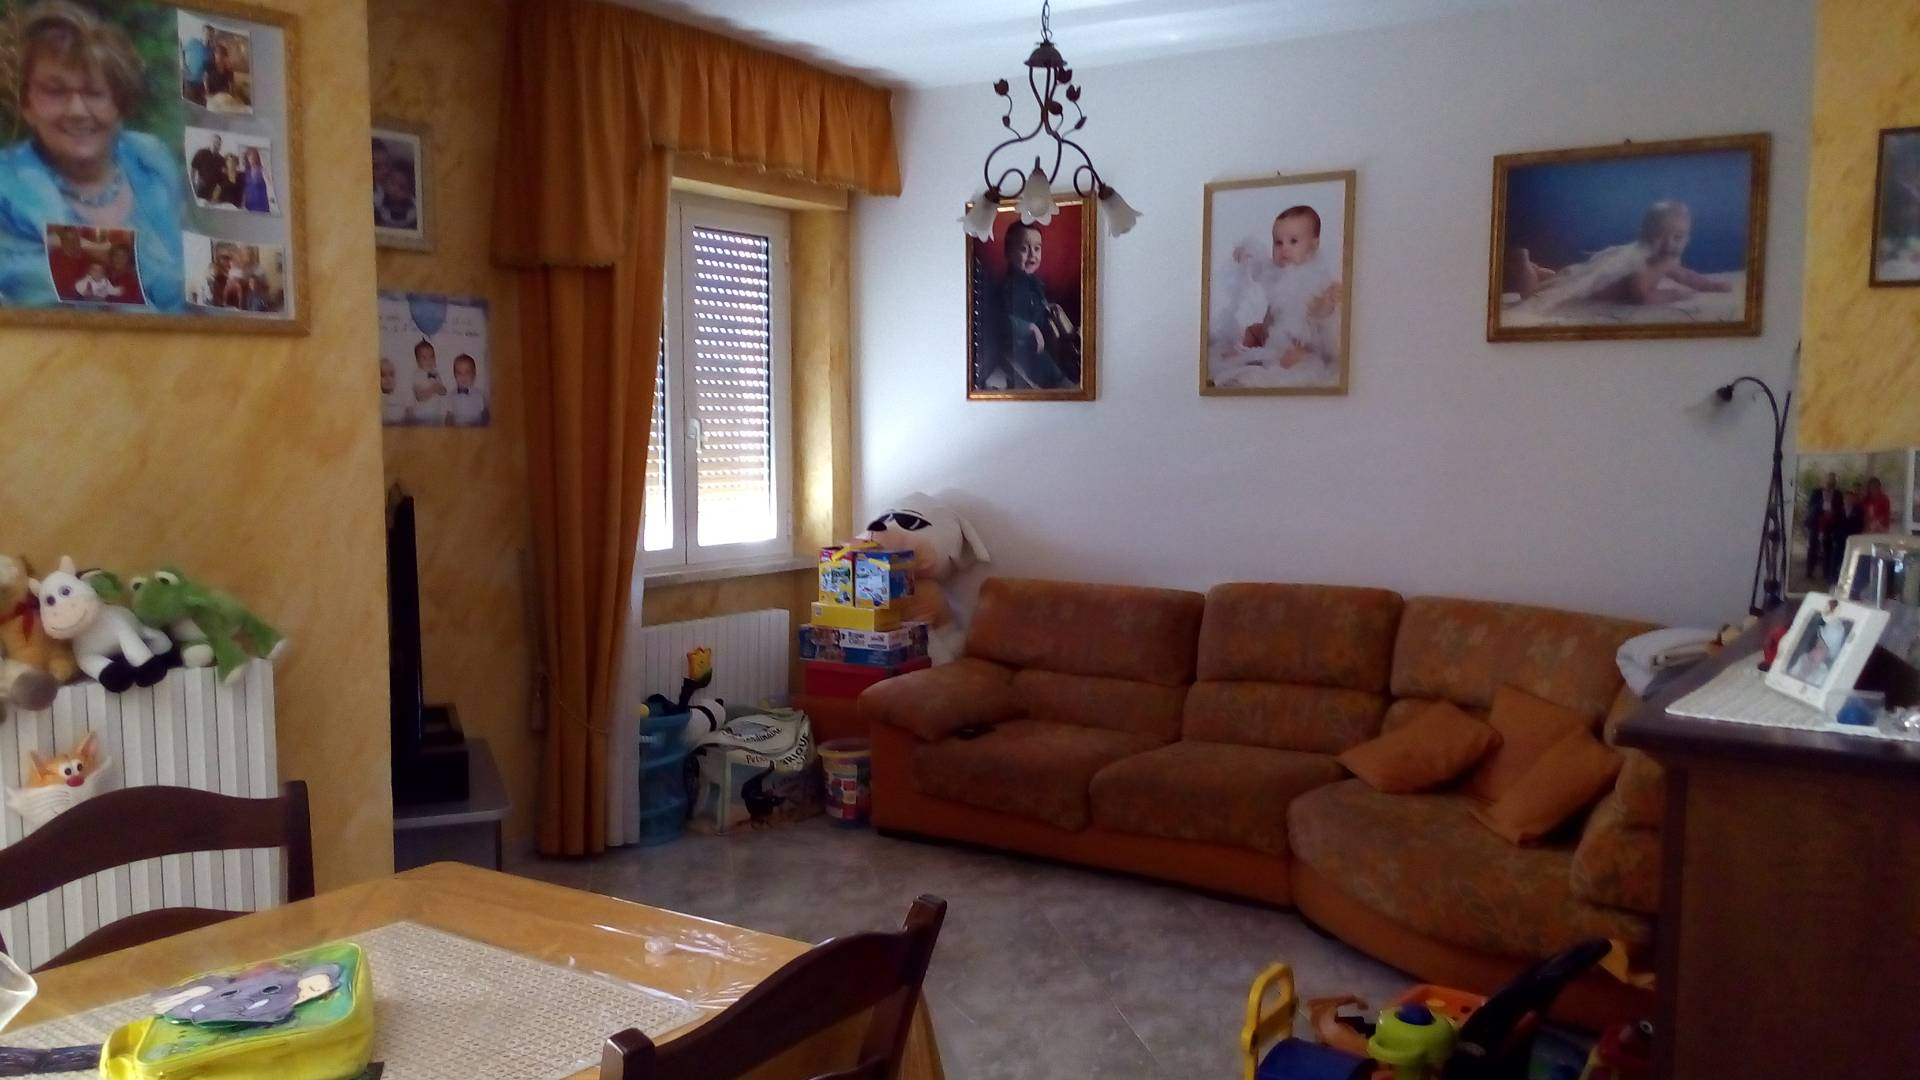 Appartamento in vendita a Ascoli Piceno, 4 locali, zona Zona: Monticelli, prezzo € 125.000 | CambioCasa.it